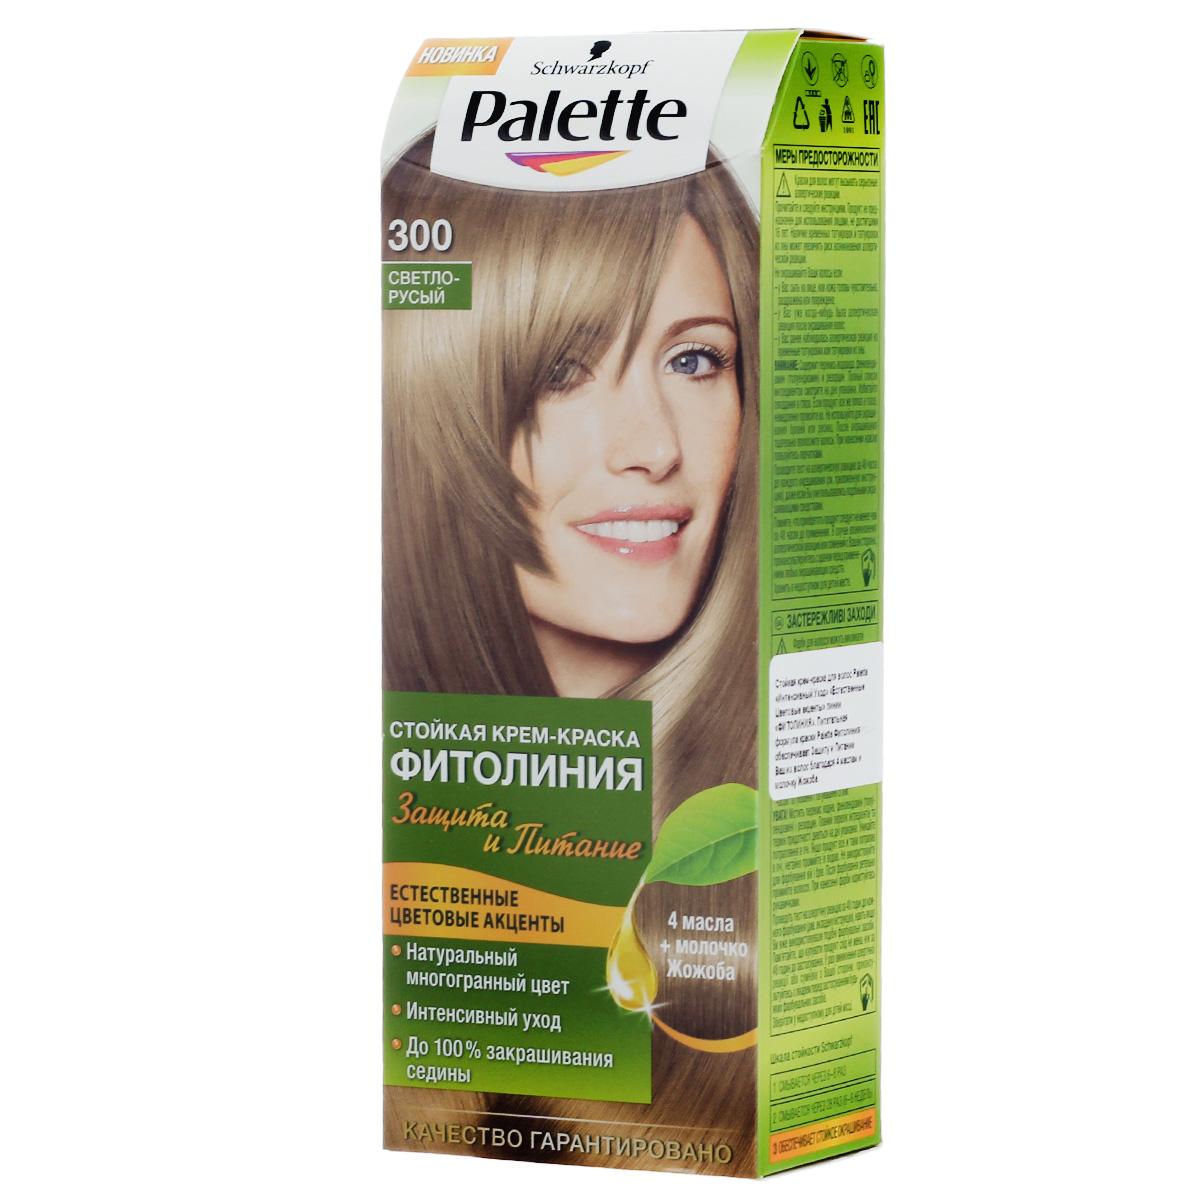 PALETTE Краска для волос ФИТОЛИНИЯ оттенок 300 Светло-русый, 110 мл